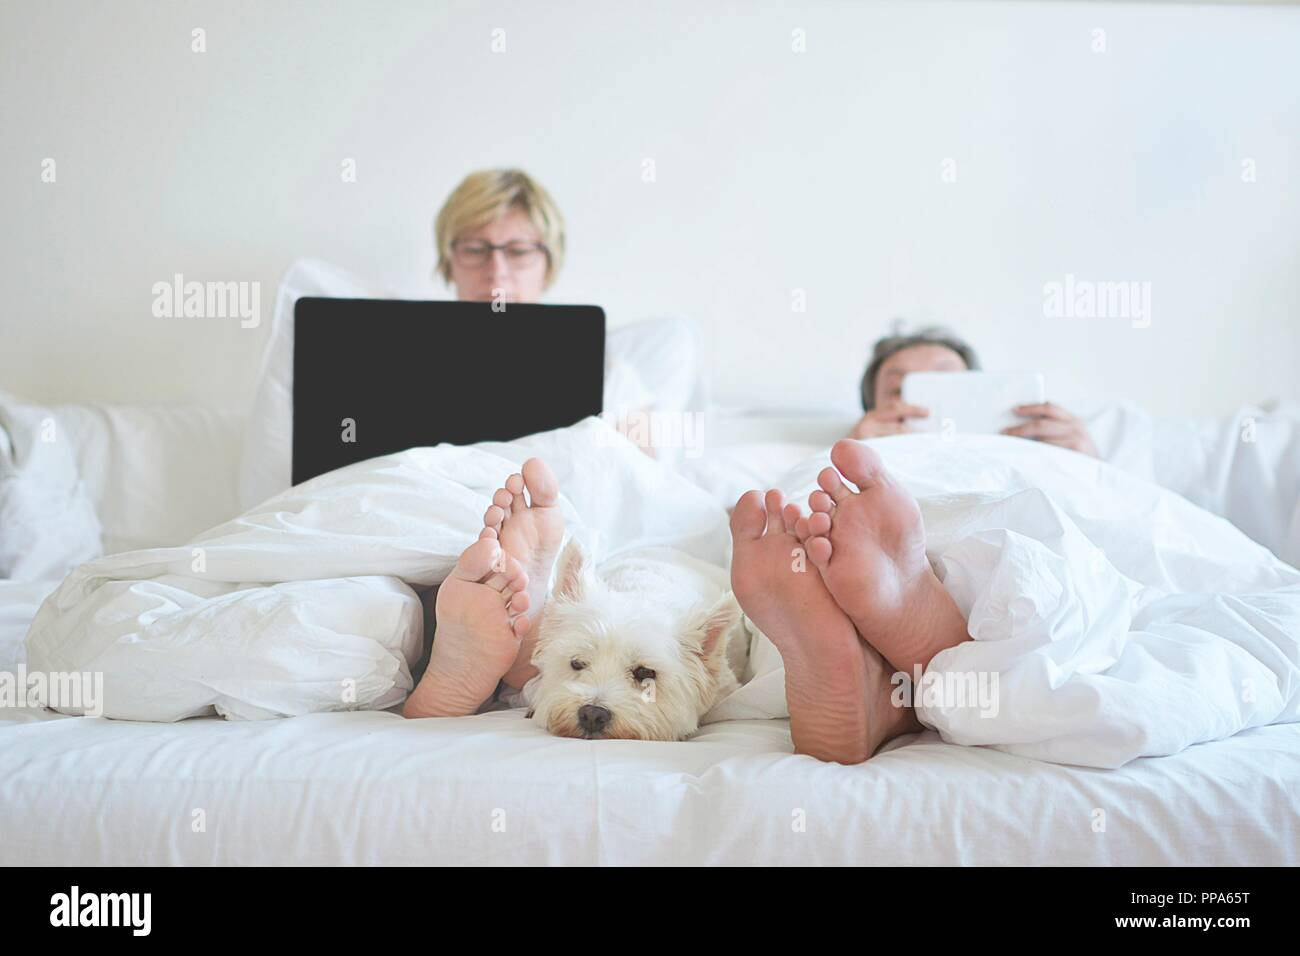 Home Comfort weißen Hund im Schlafzimmer Stockfoto, Bild ...